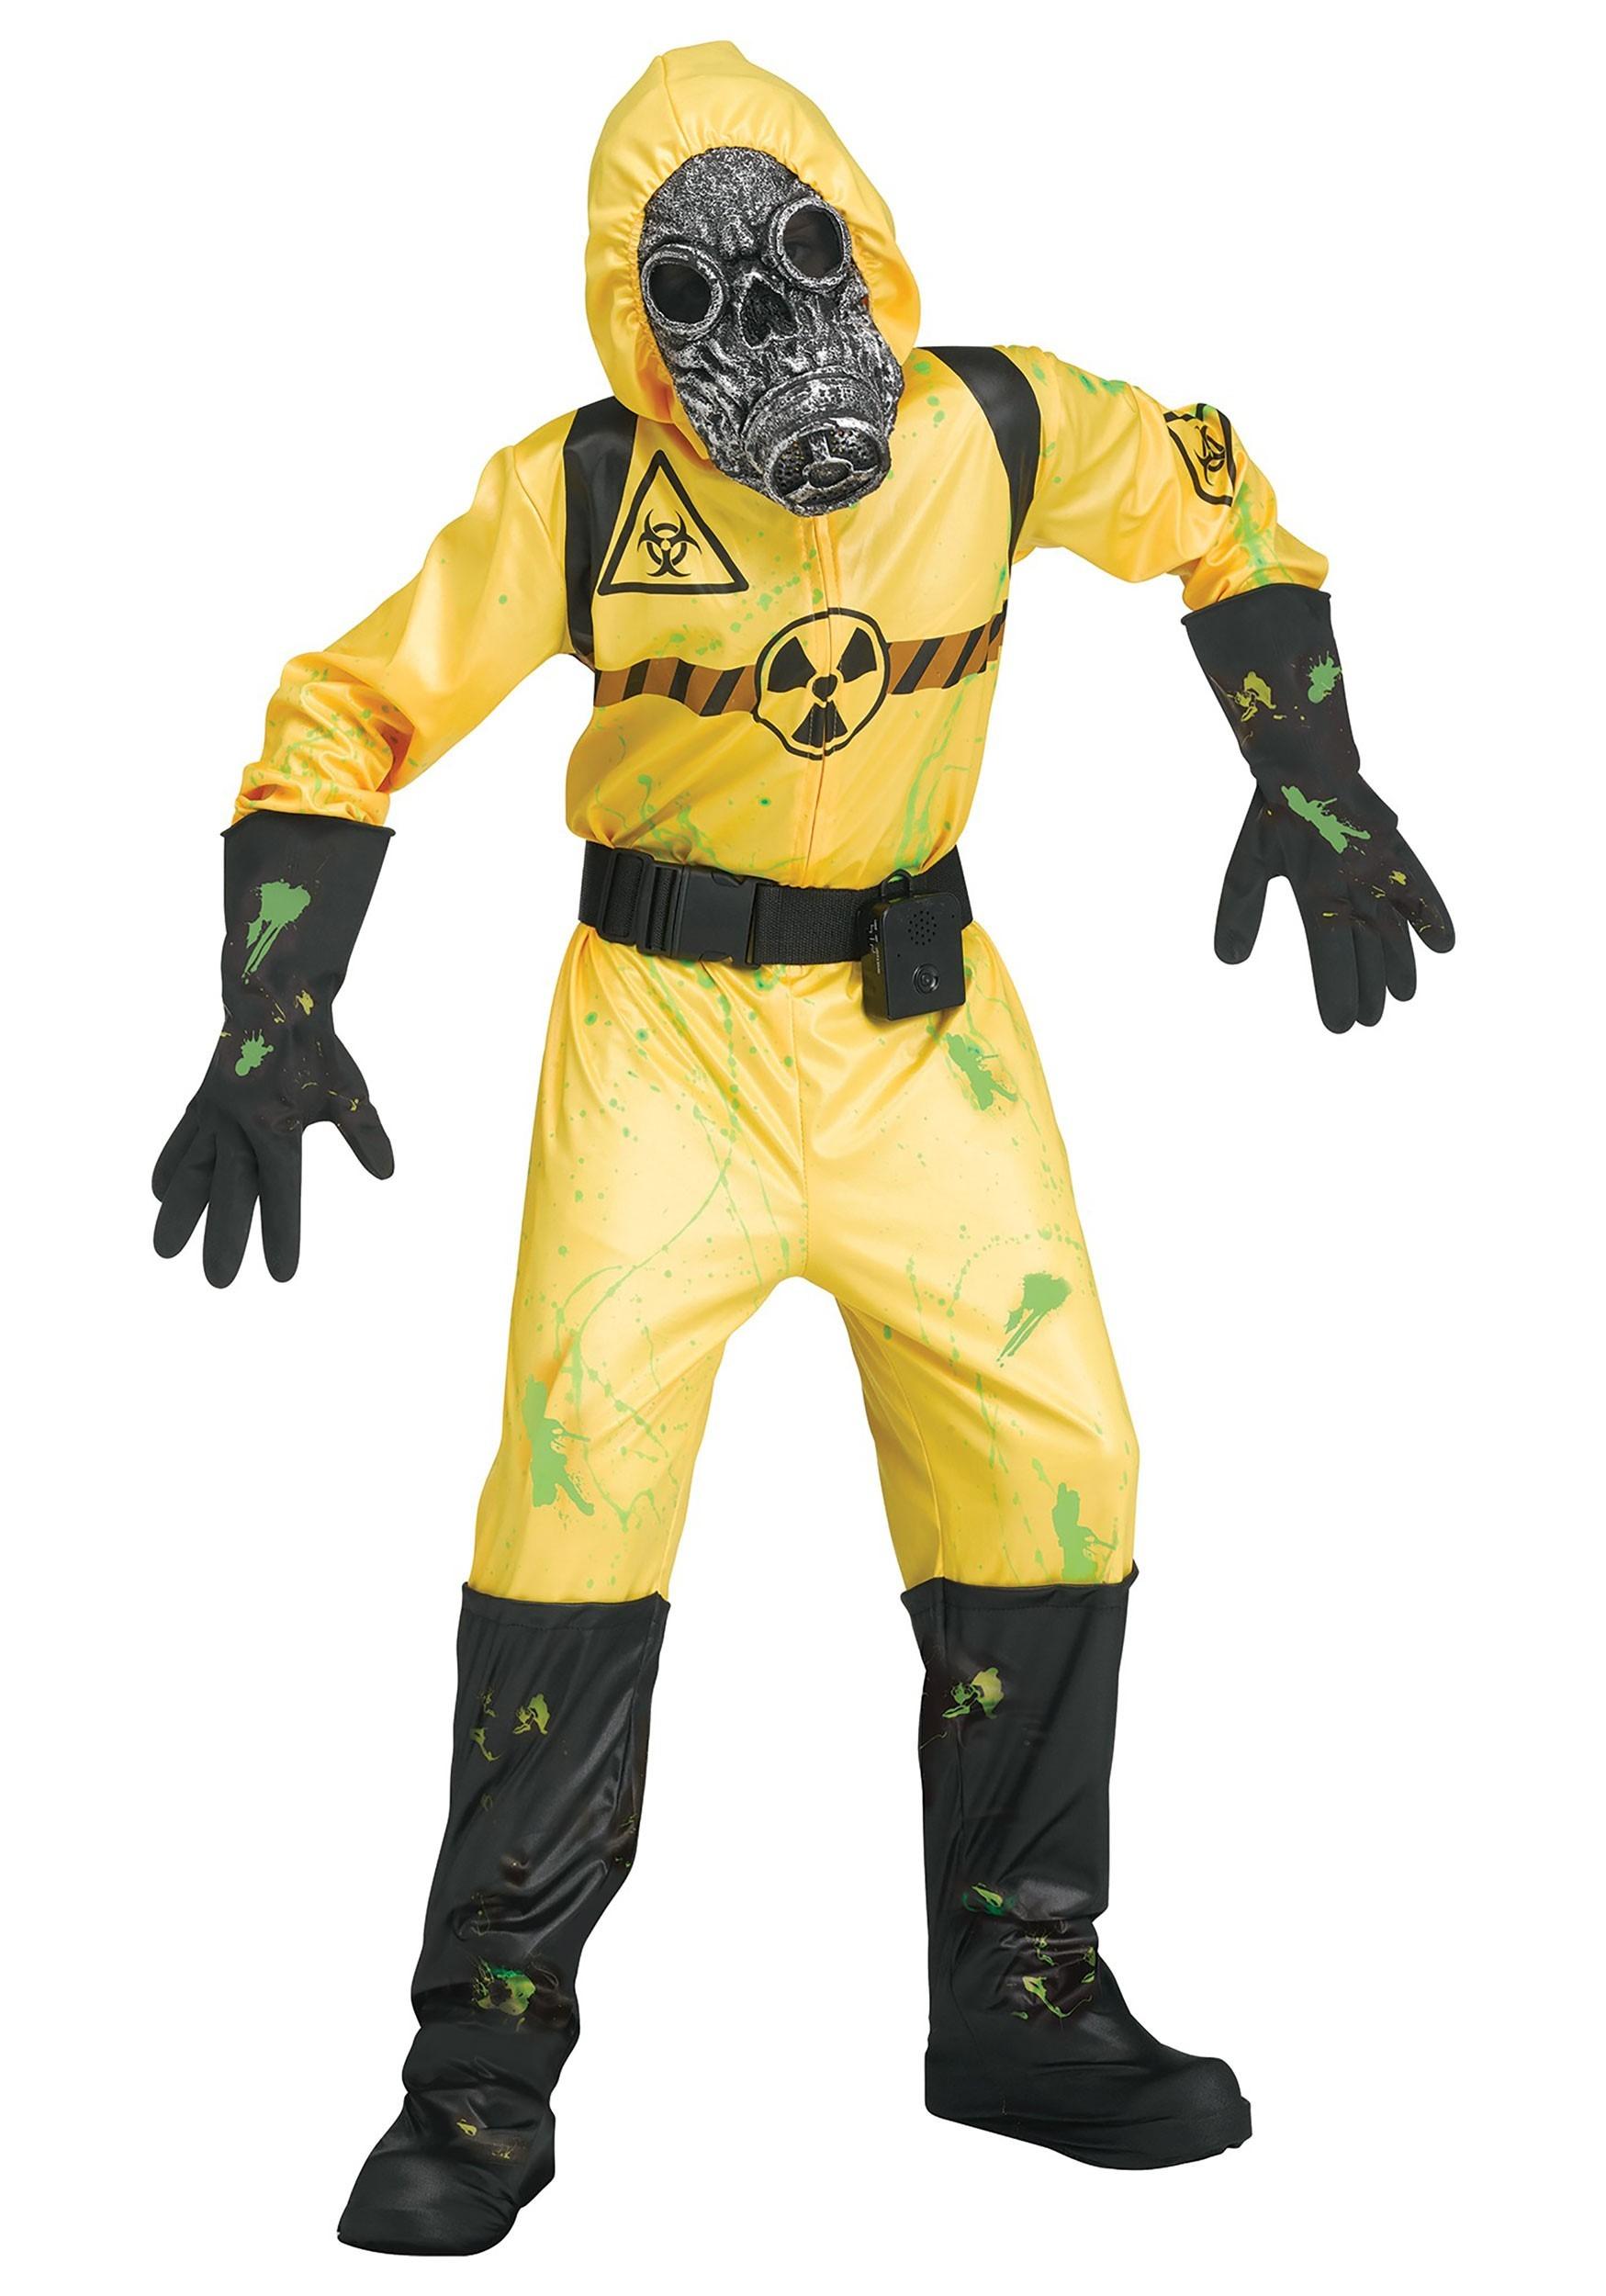 Boy's Sound FX Yellow Bio Hazard Costume